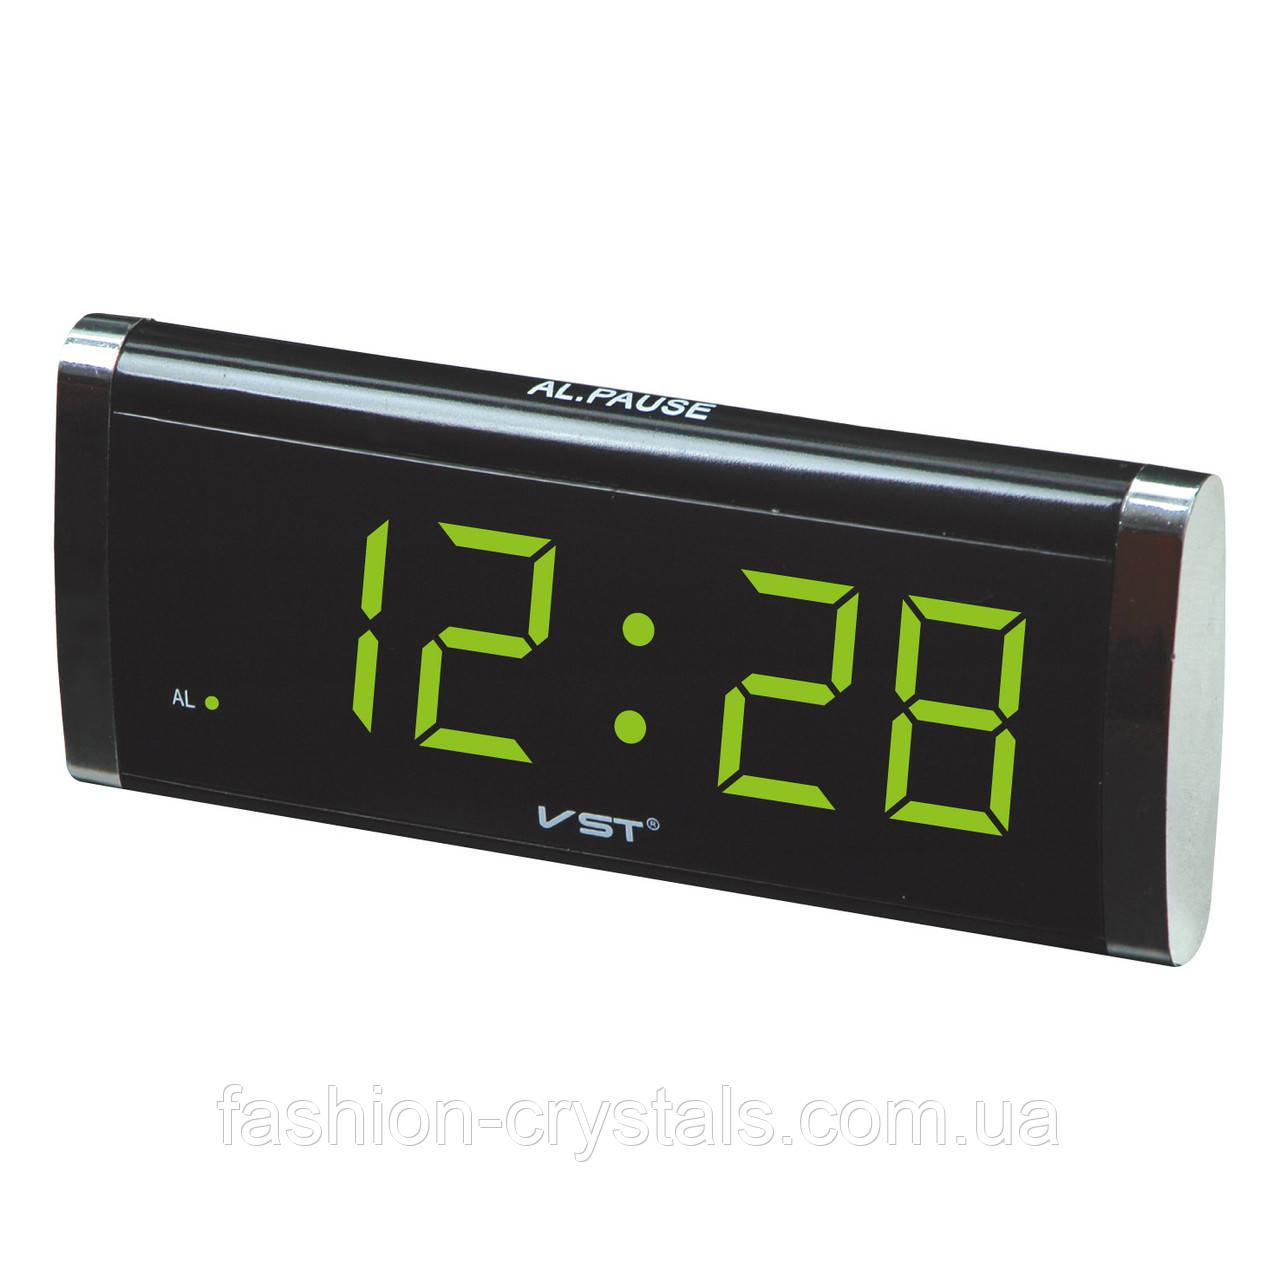 Электронные часы с будильником vst 730-2